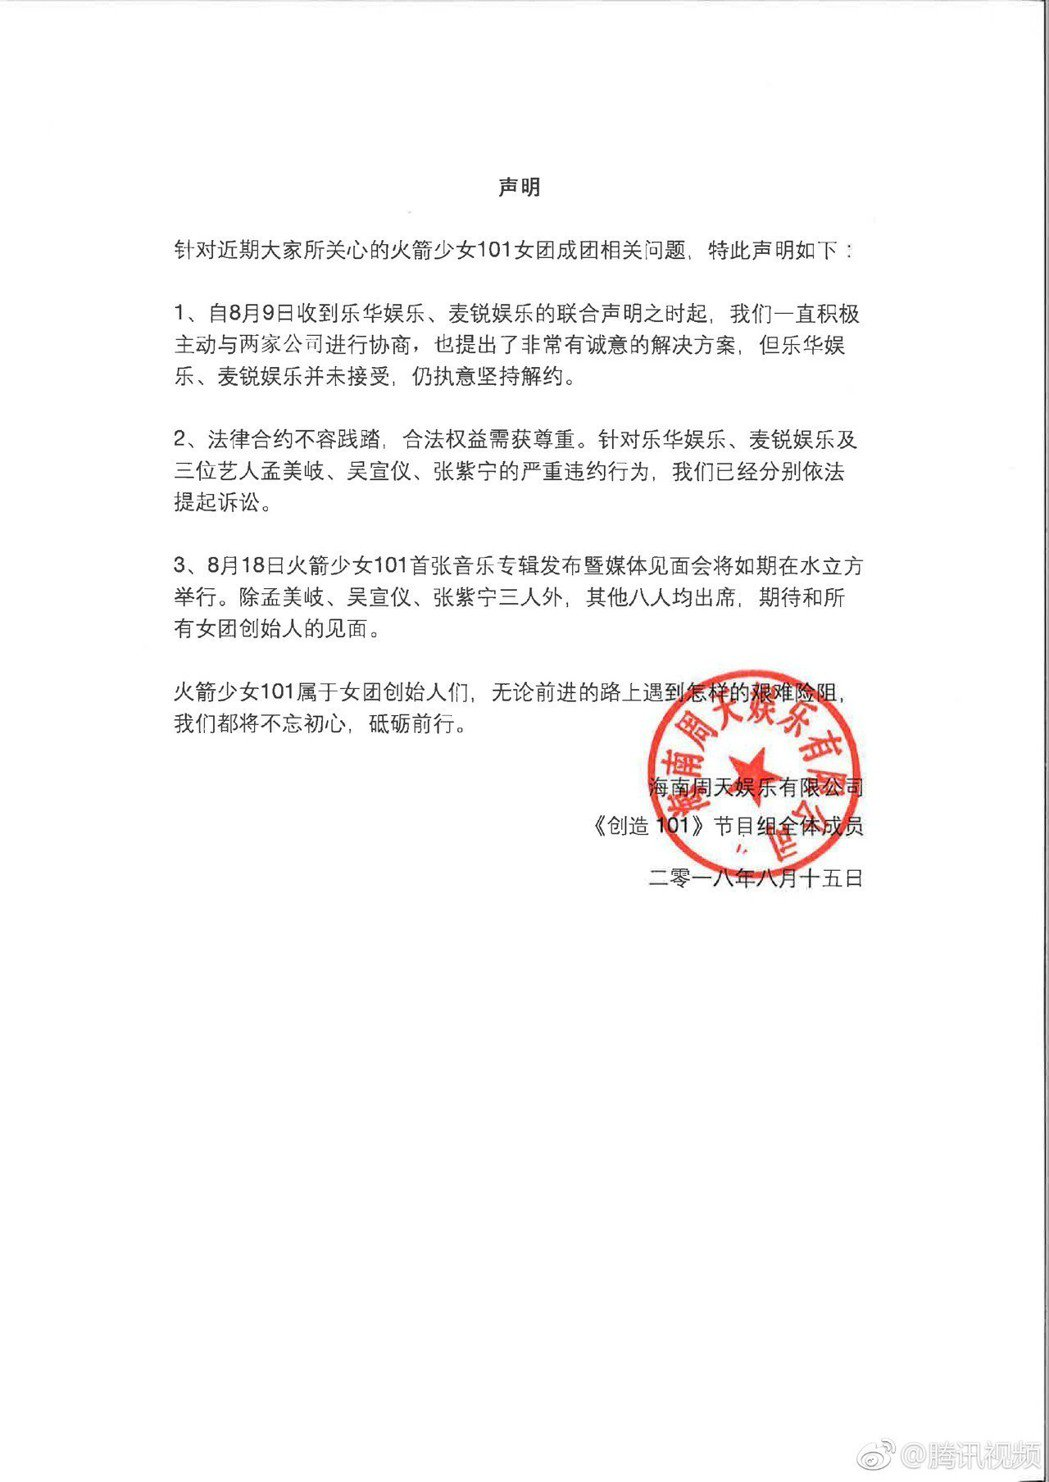 「海南周天娛樂」聲明內容。圖/擷自騰訊視頻微博